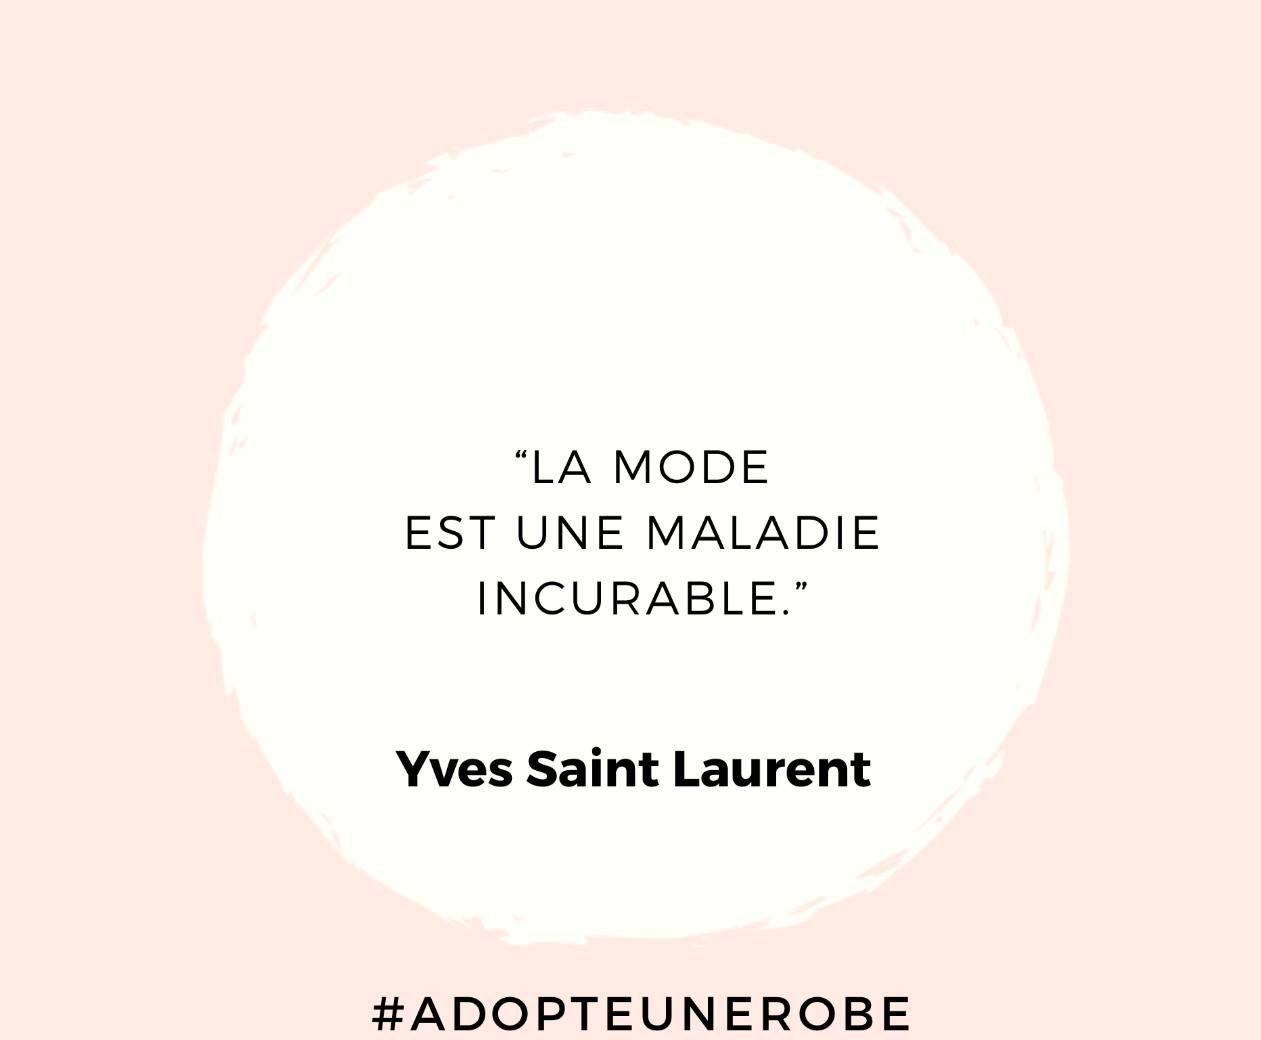 La Mode Est Une Maladie Incurable Yves Saint Laurent